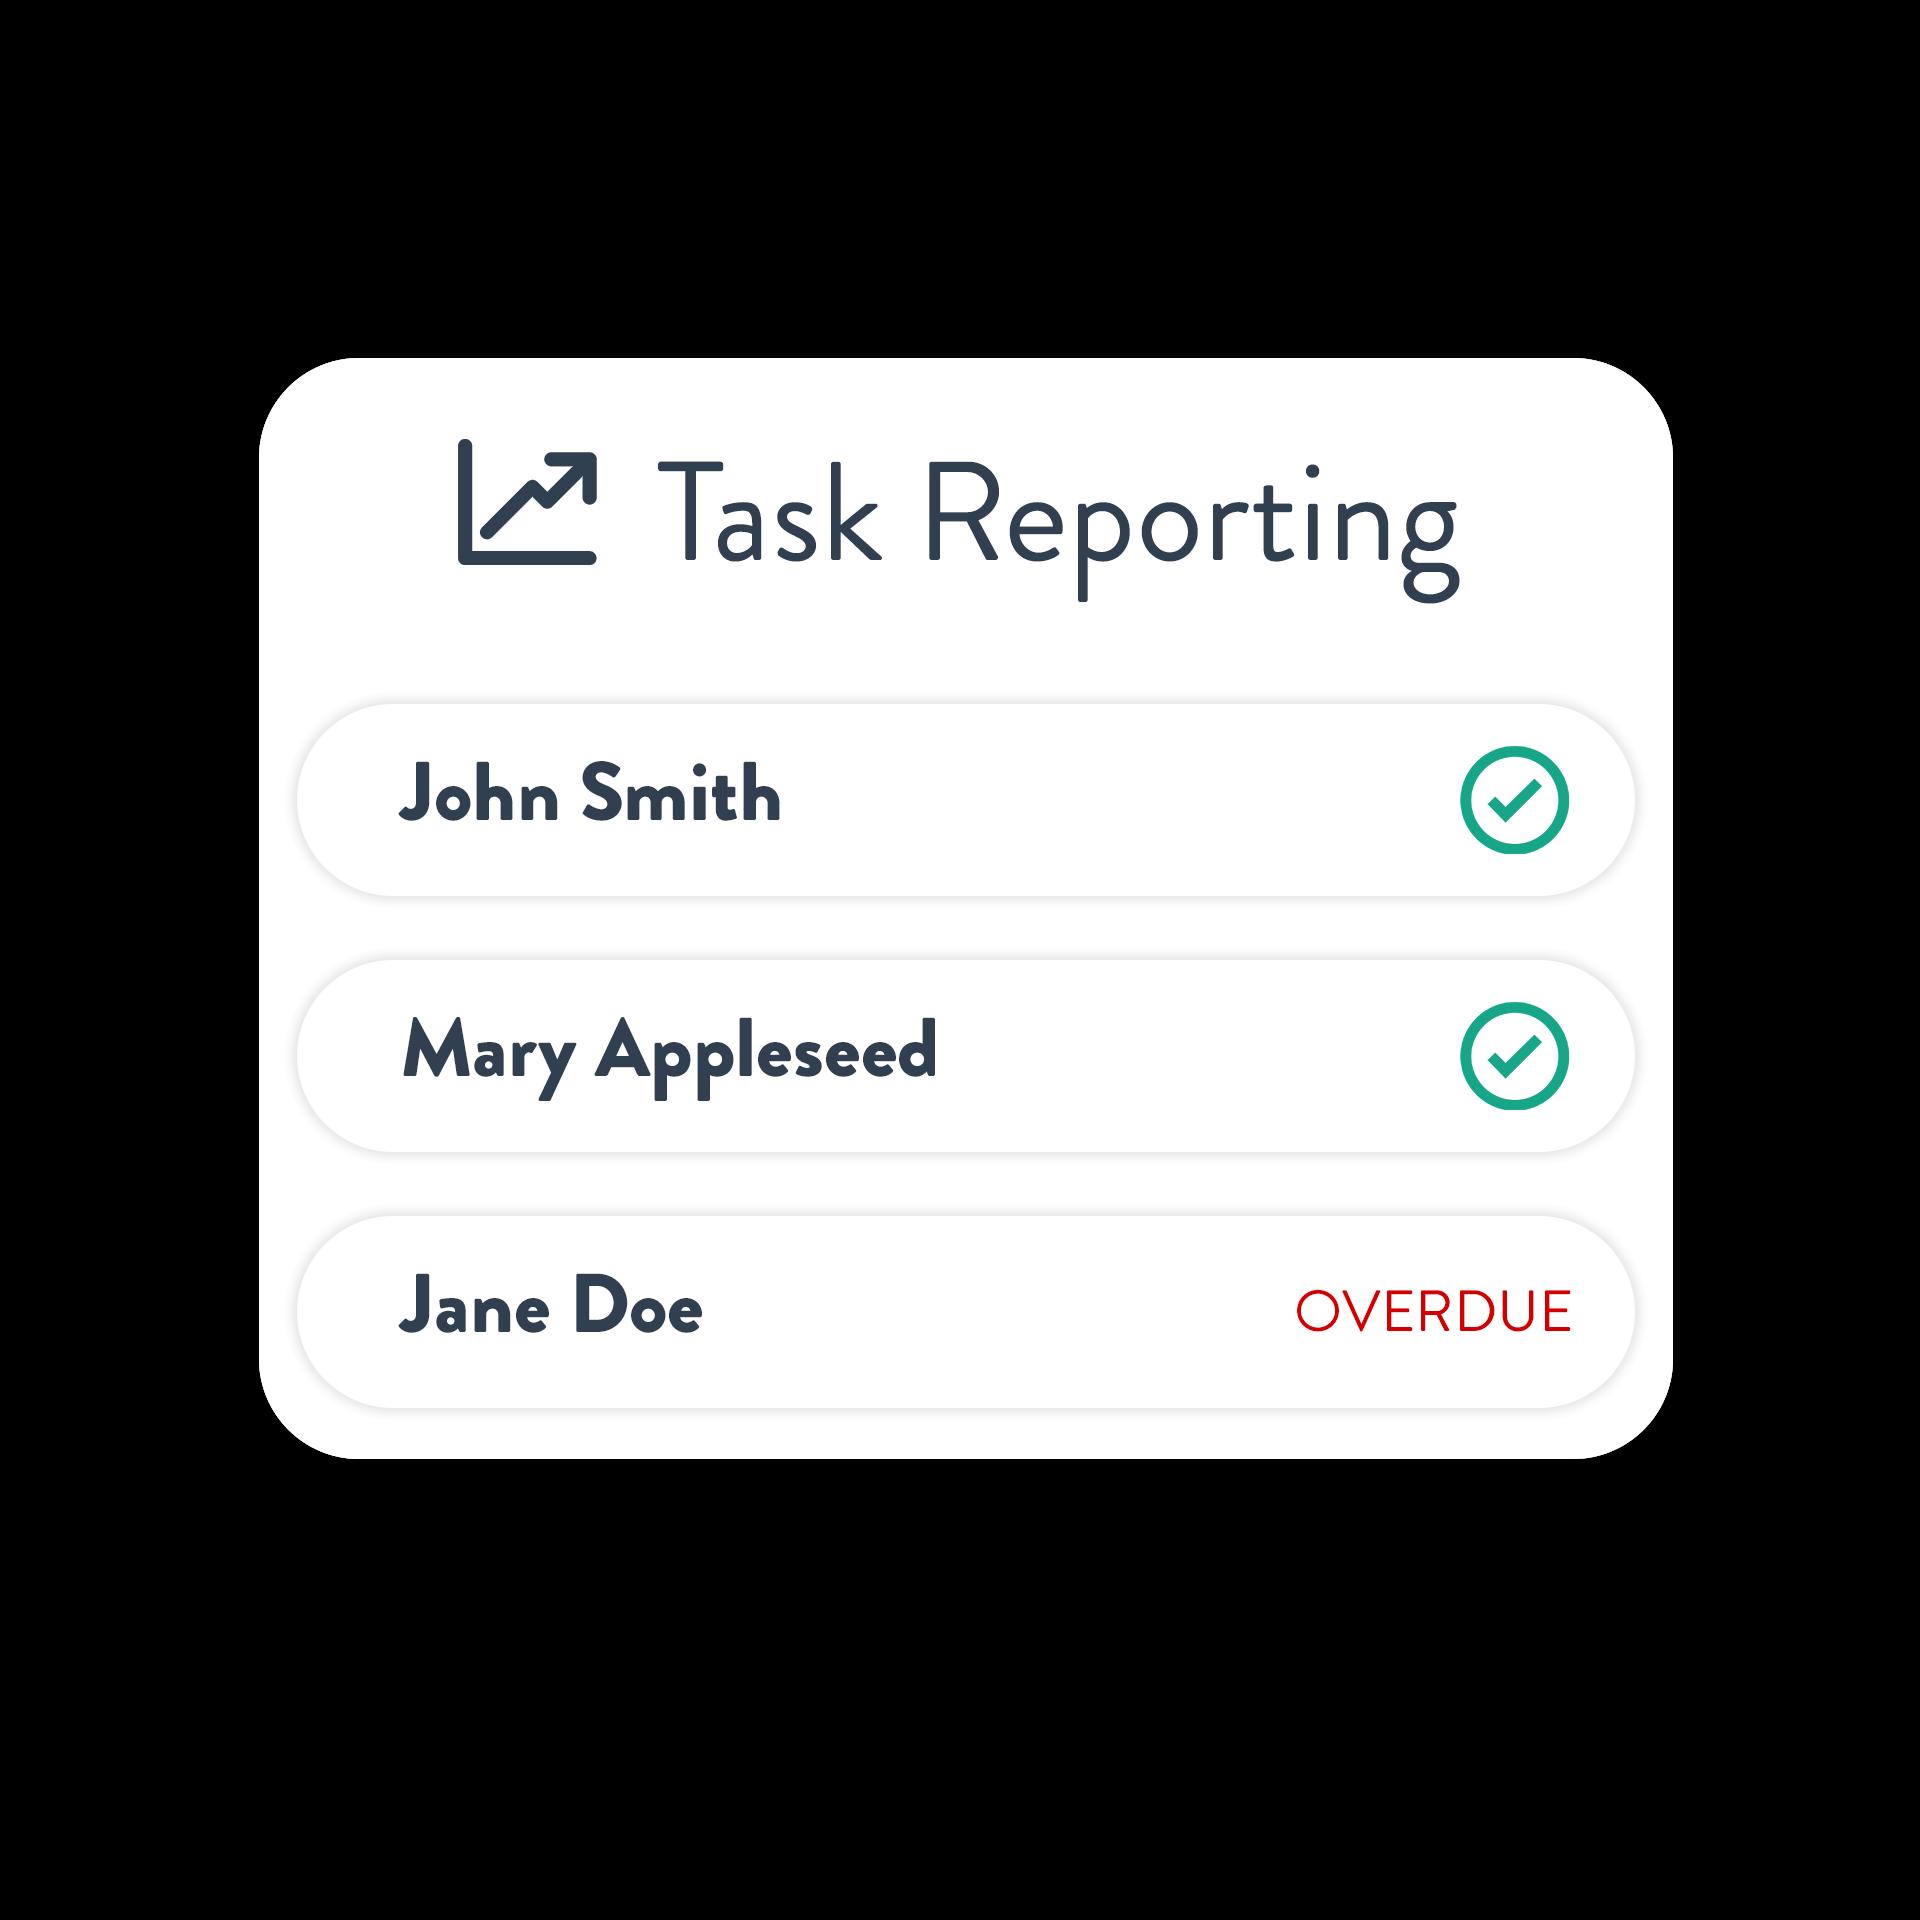 task reporting